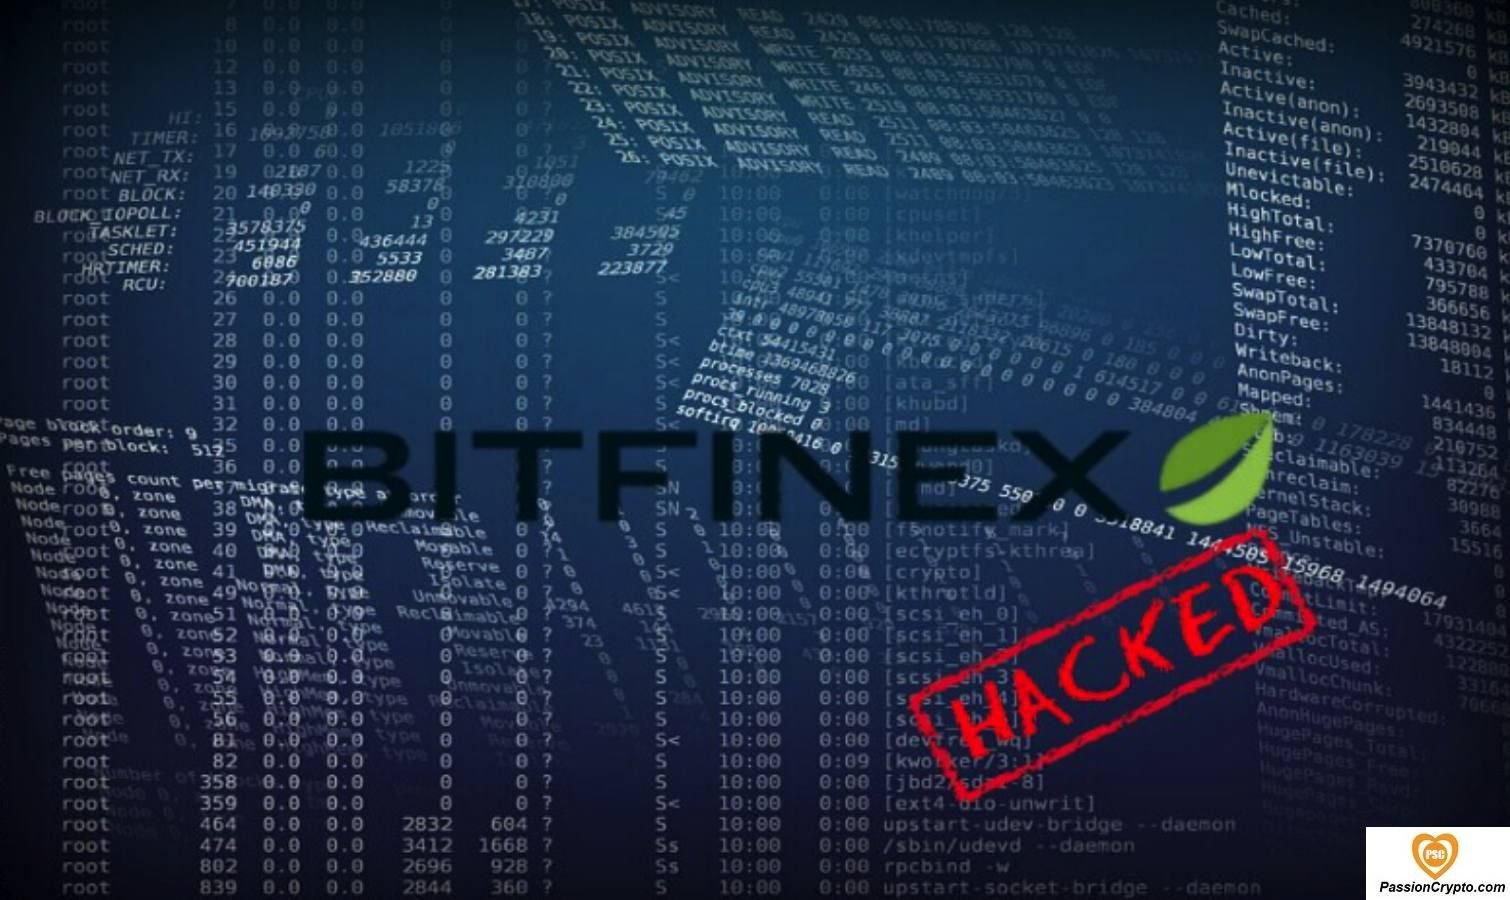 FONDS BITCOIN DU BITFINEX HACK EN 2016 EN MOUVEMENT: LES HACKERS VENDENT-ILS?